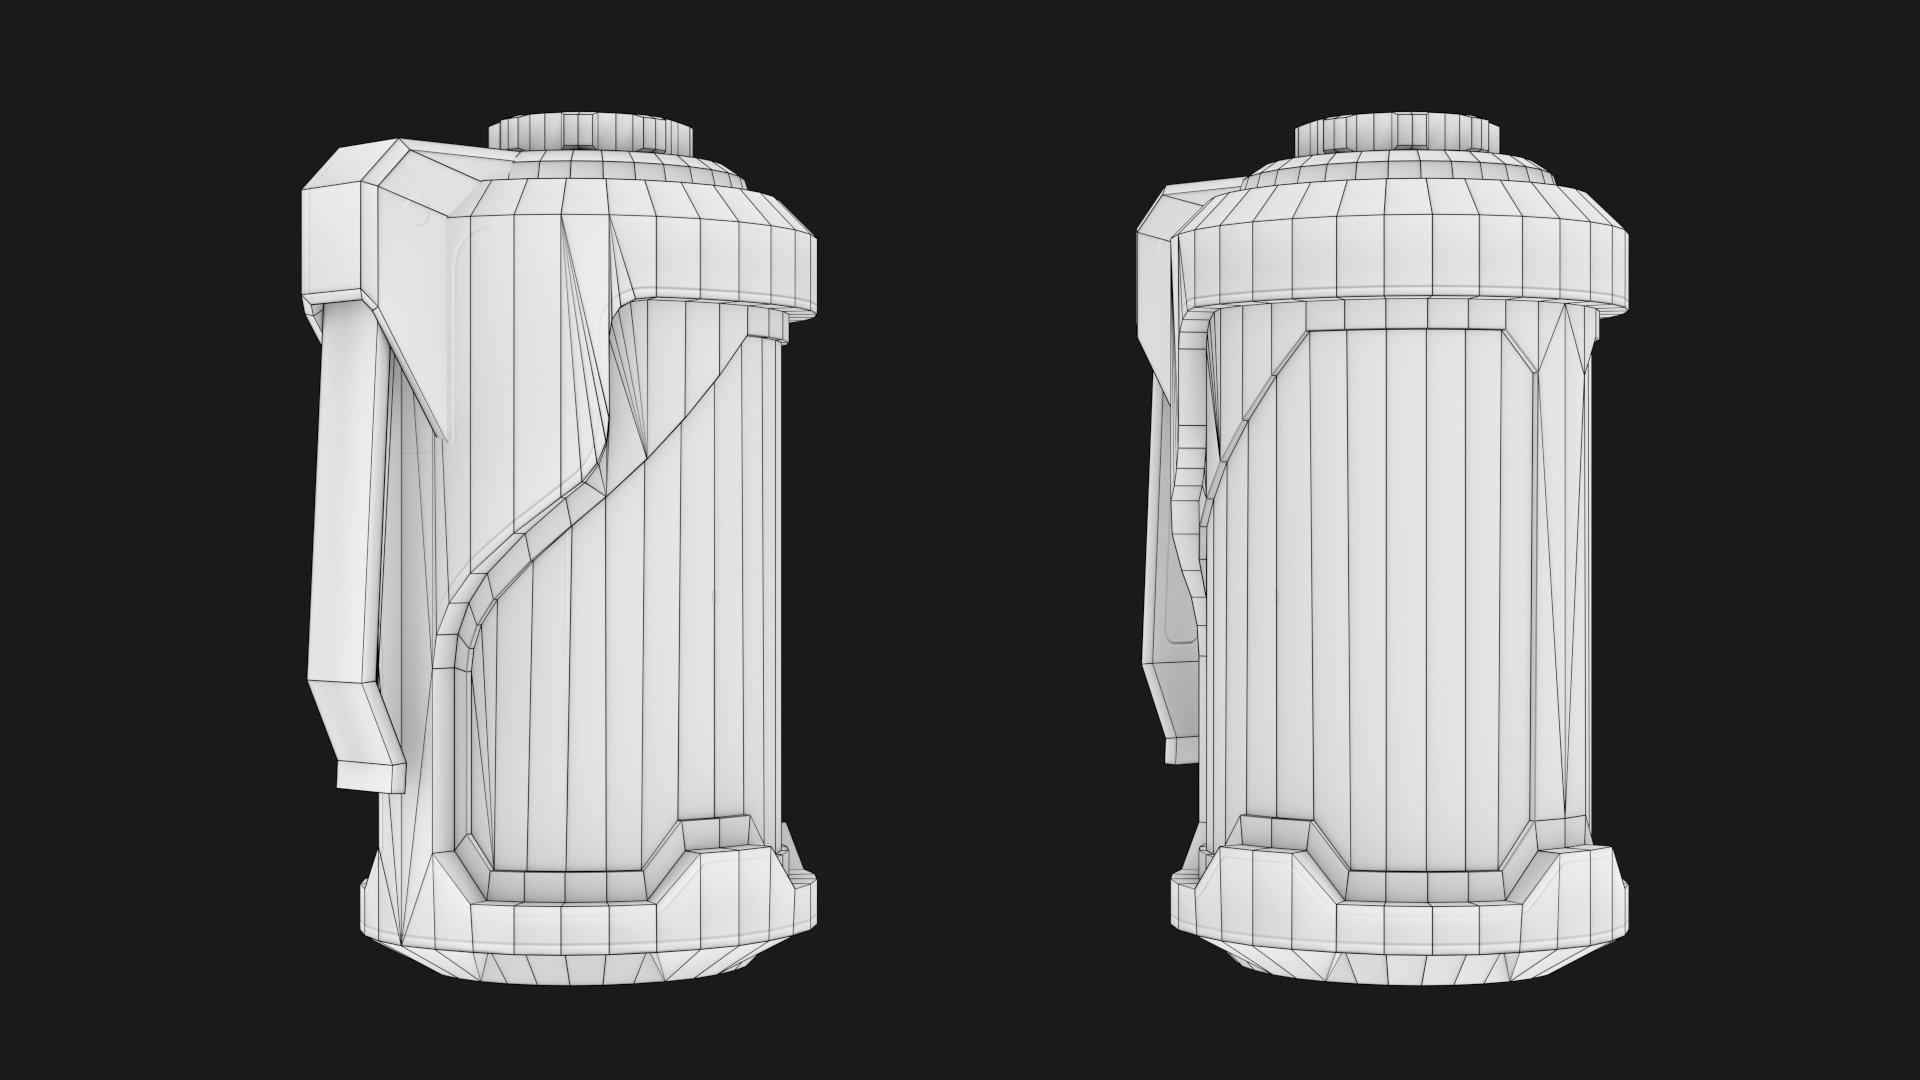 Low-Poly 3D-model grenades in sci-fi style is made in five ...: https://flex.artstation.com/portfolio/sci-fi-grenade-4731b4ec-1f36...